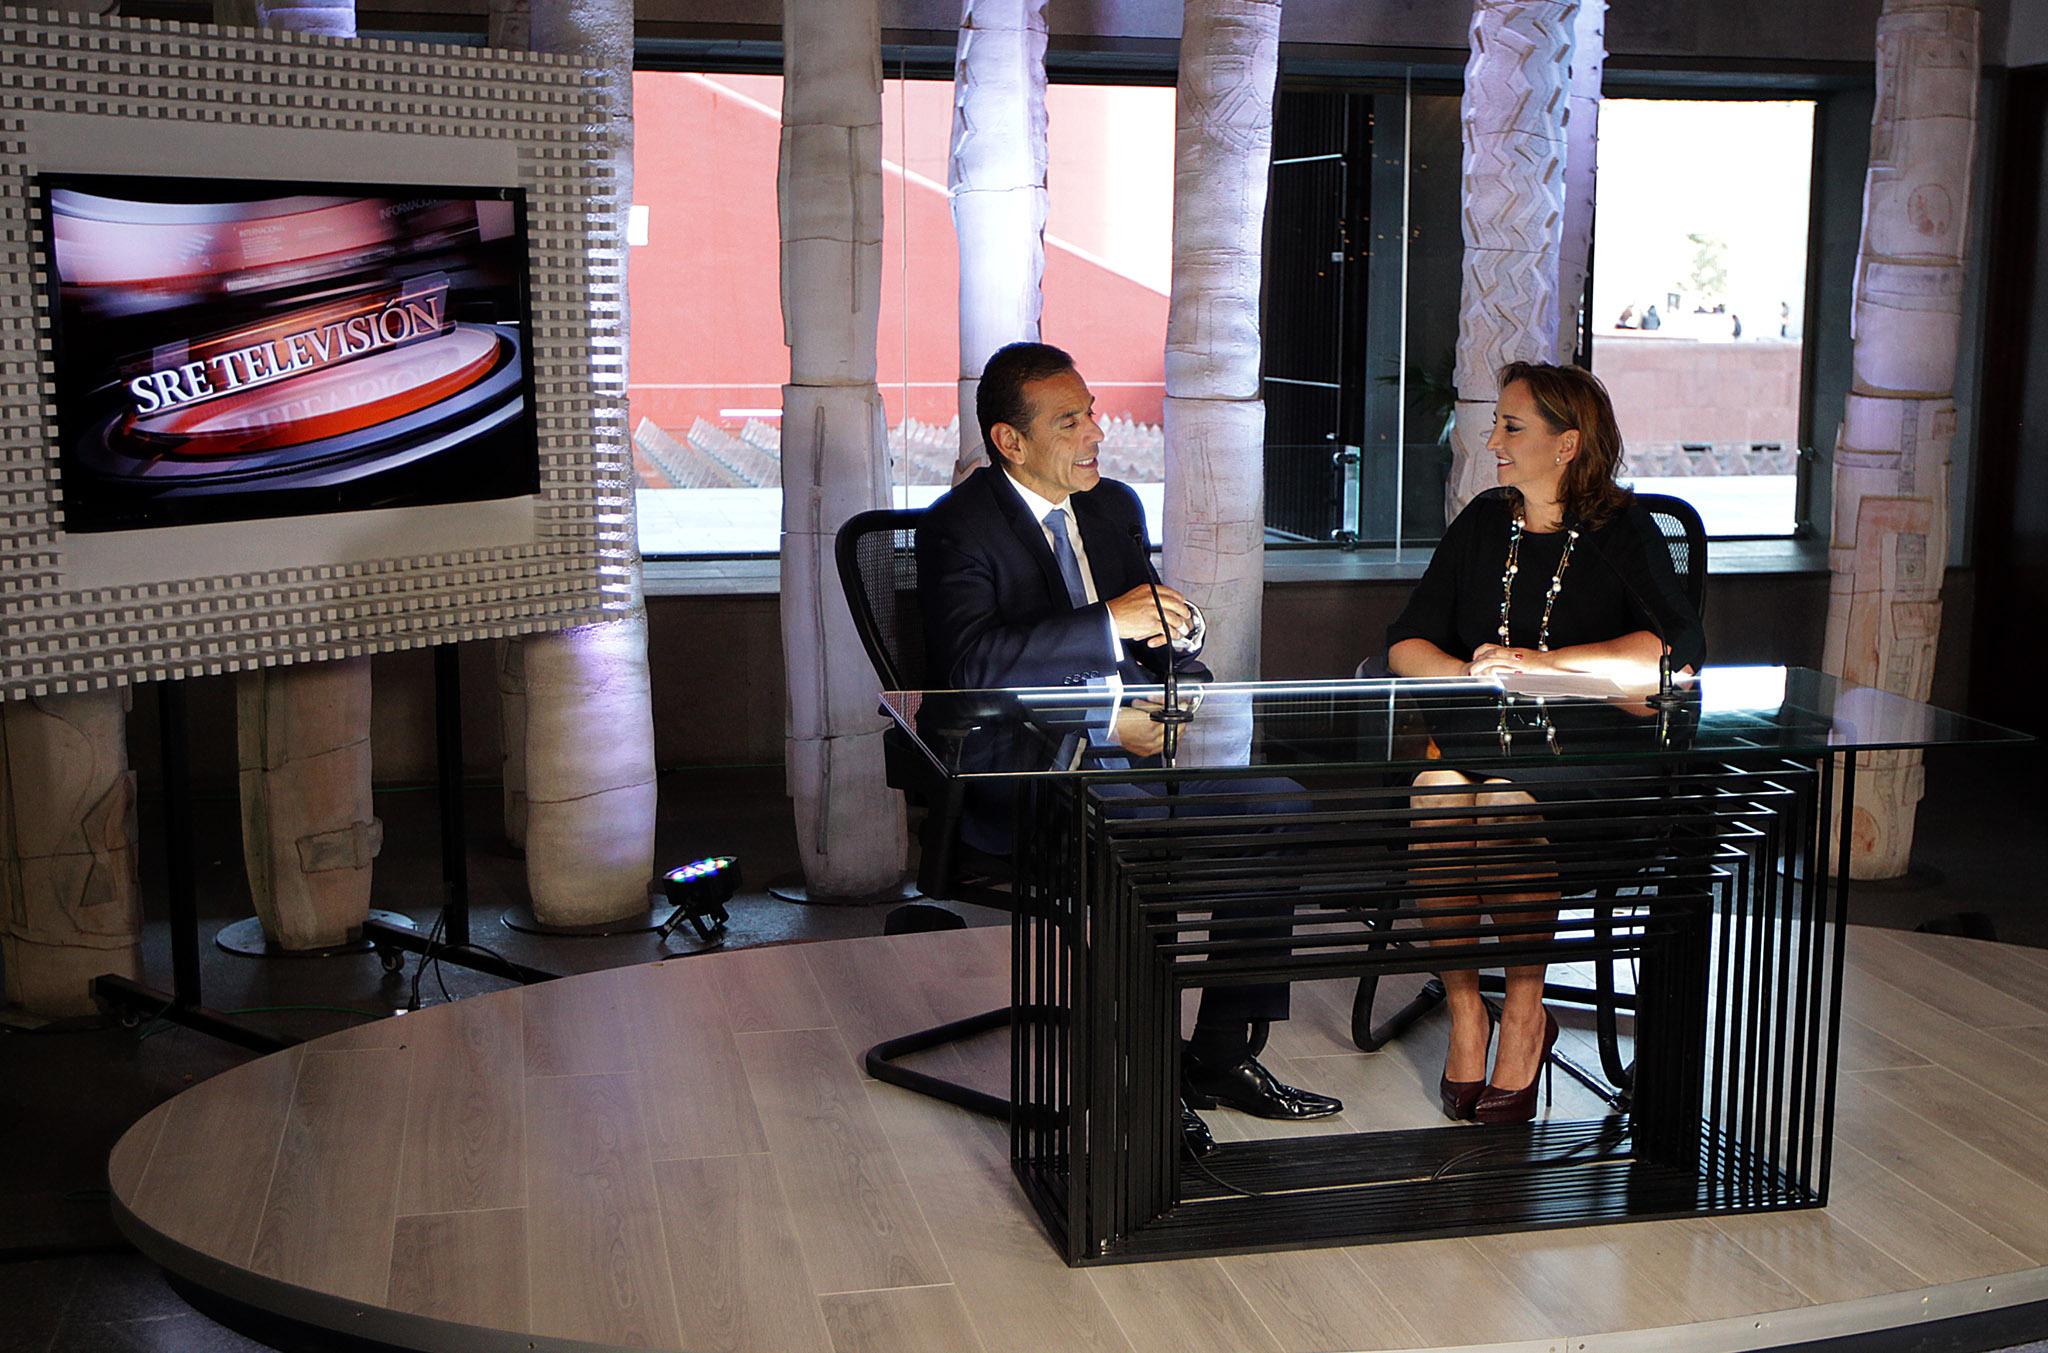 FOTO 2 La Canciller Claudia Ruiz Massieu entrevist  a Antonio Villaraigosa  exalcalde de Los  ngeles  para SRE Televisi n.jpg